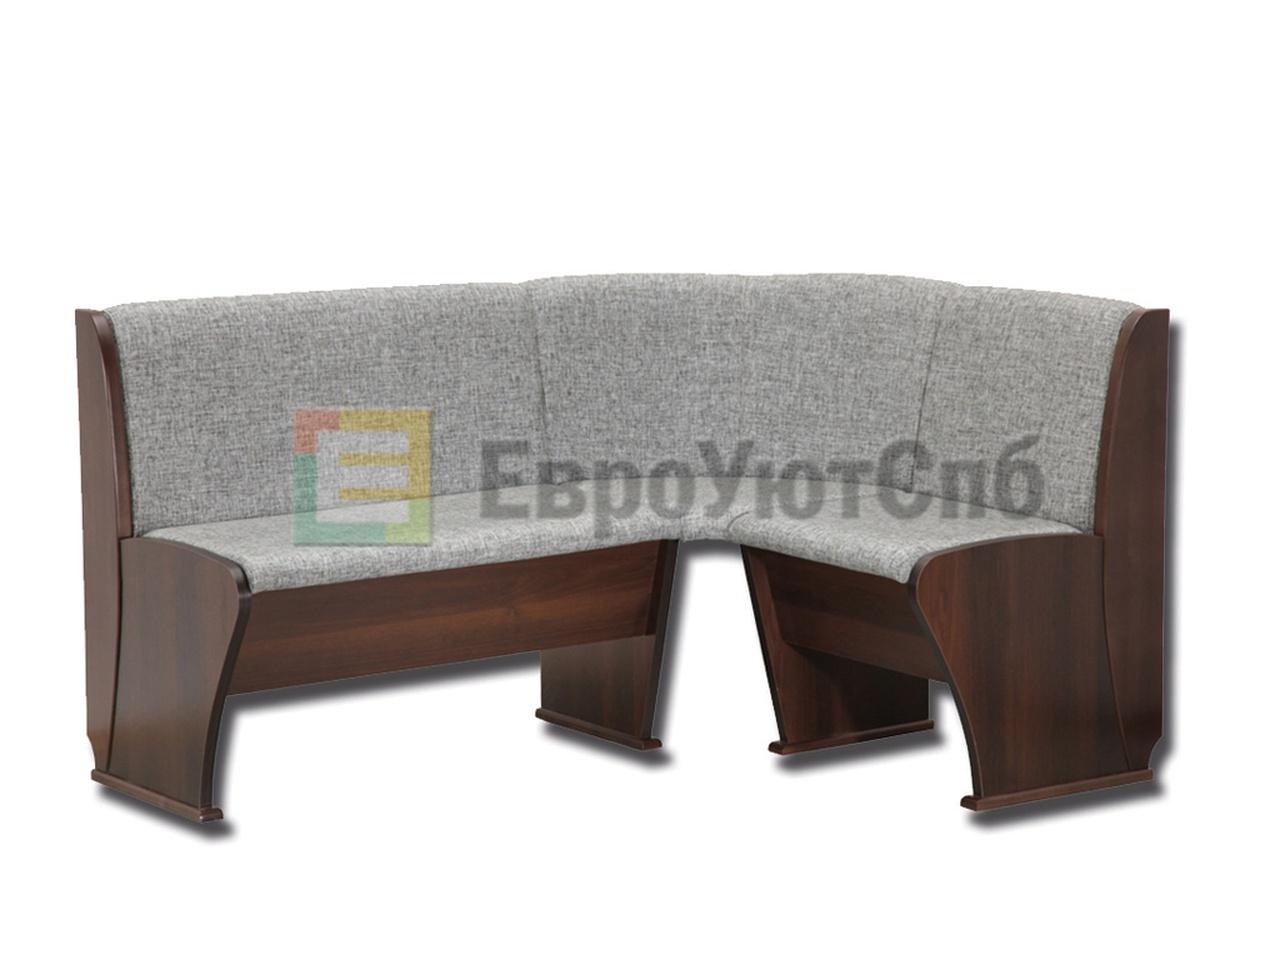 угловой диван на кухню купить недорого в спб каталог кухонных